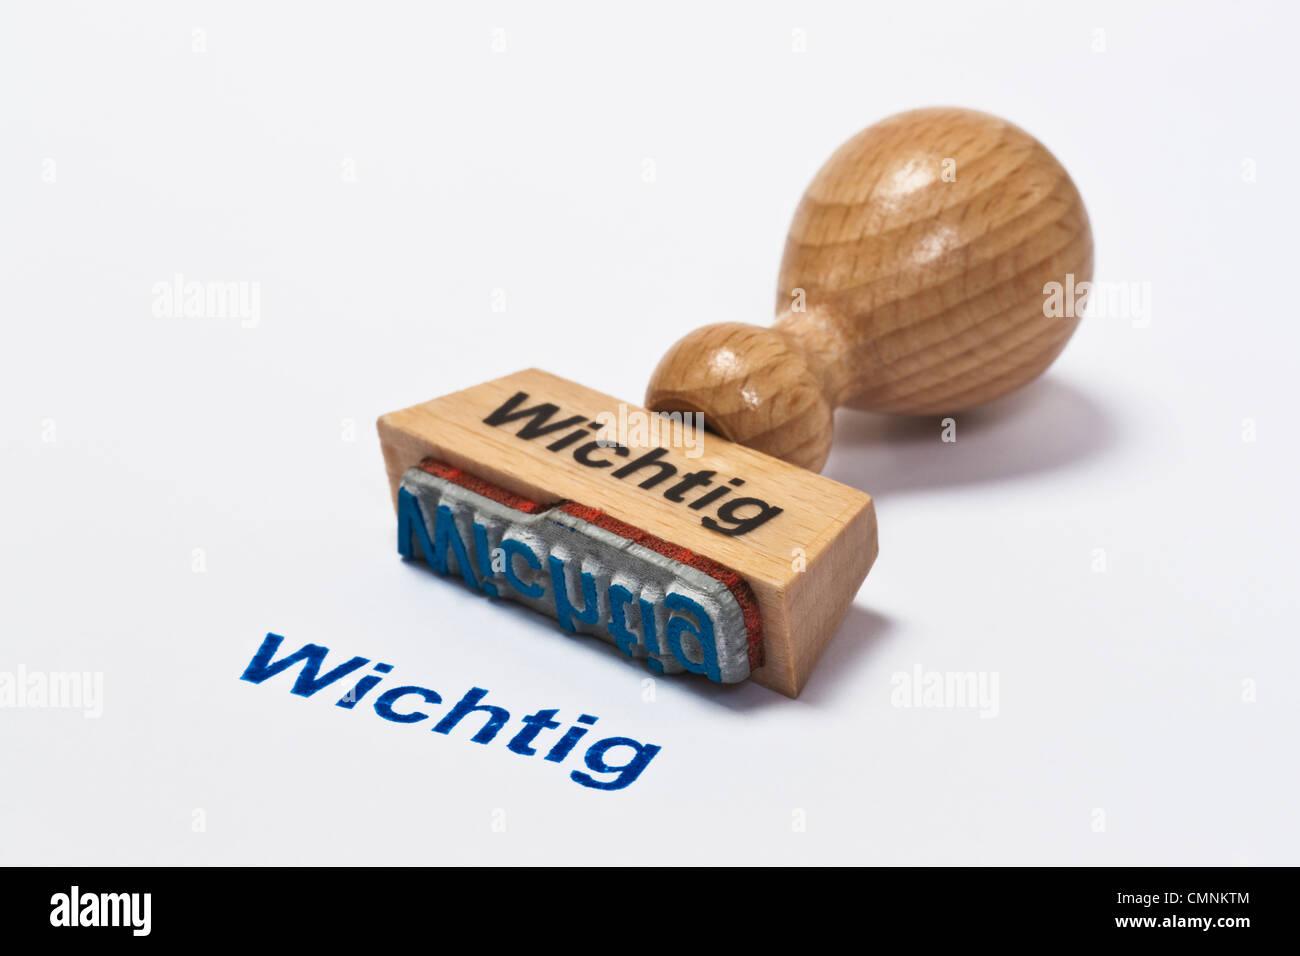 Detailansicht eines Stempels mit der Aufschrift Wichtig   Detail photo of a stamp with inscription in German important - Stock Image